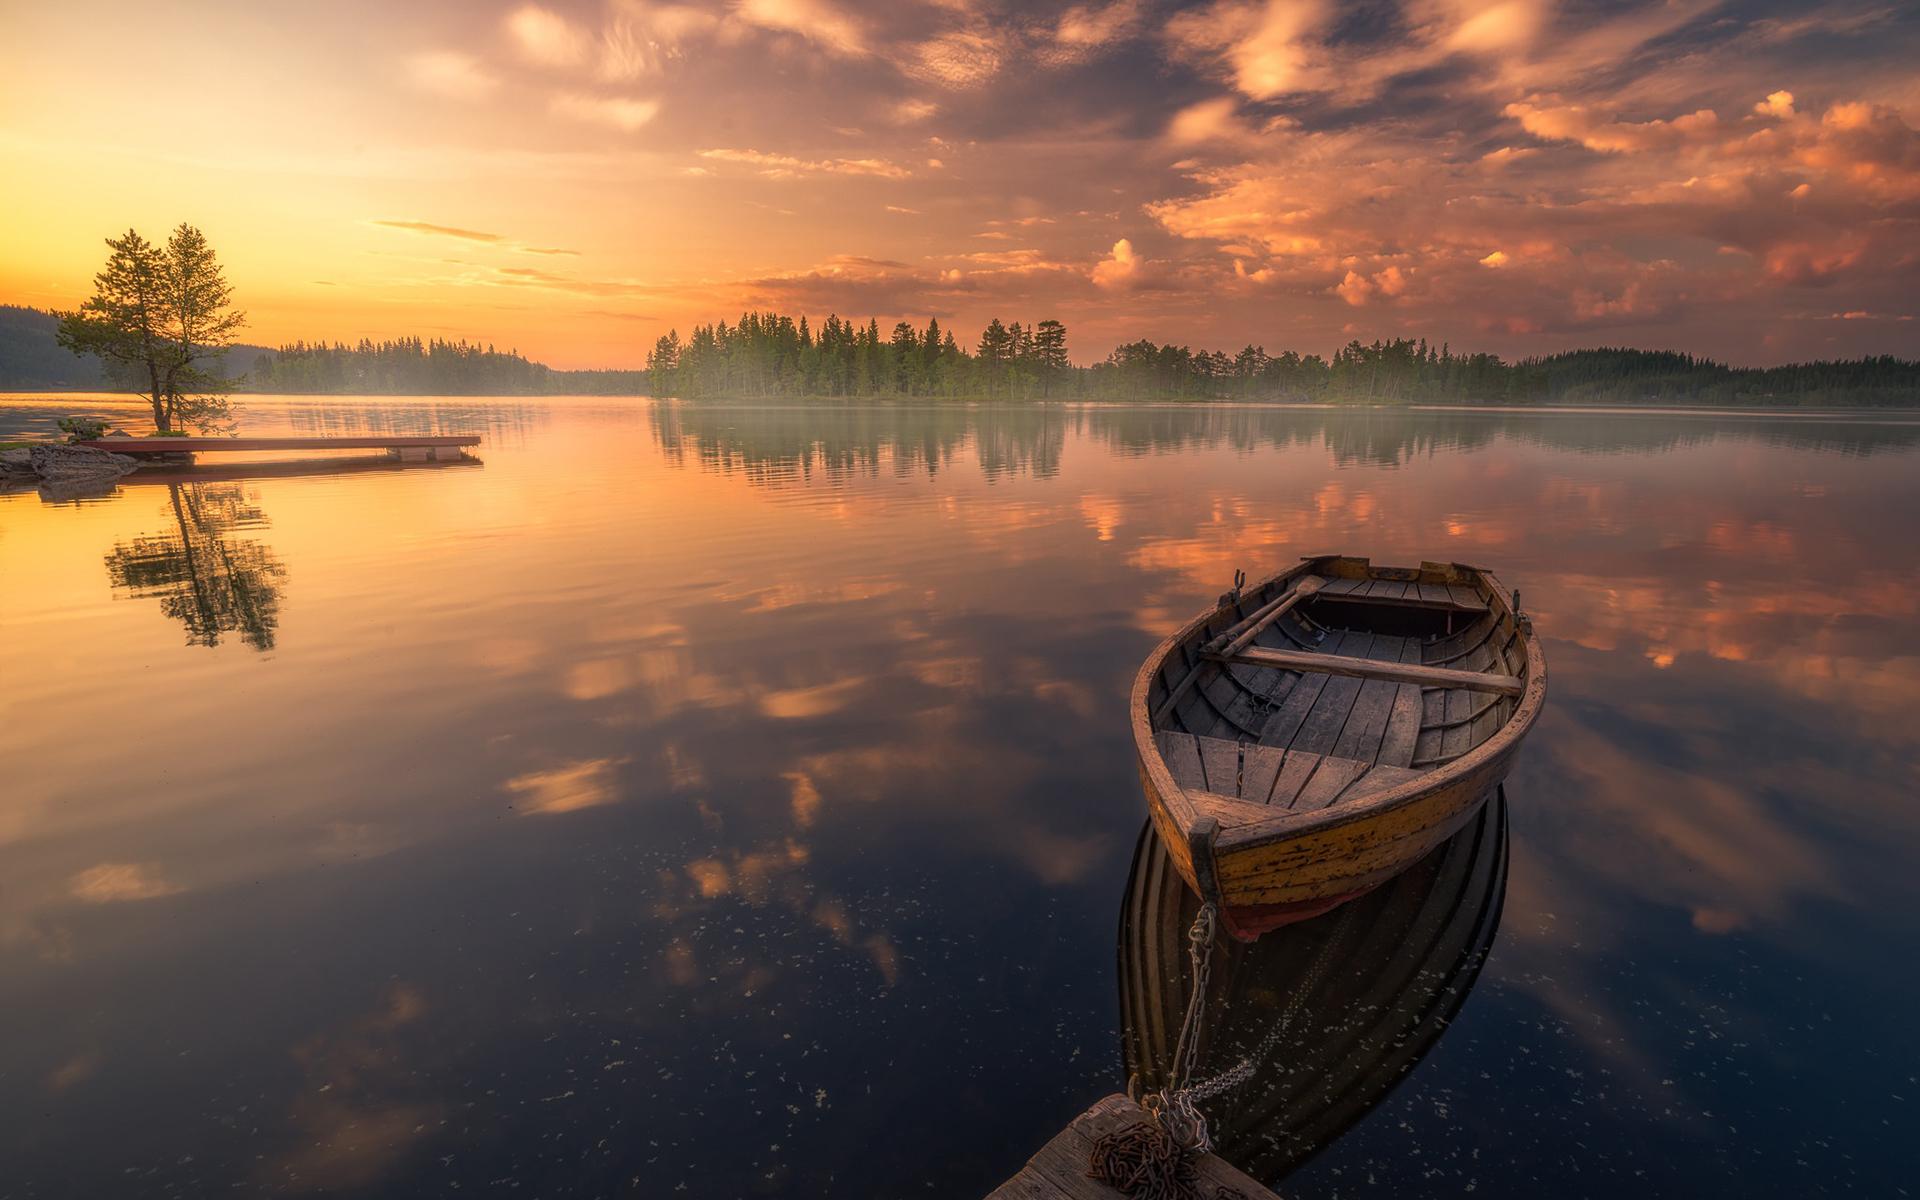 лодка с отражением на закате фото фотографиях